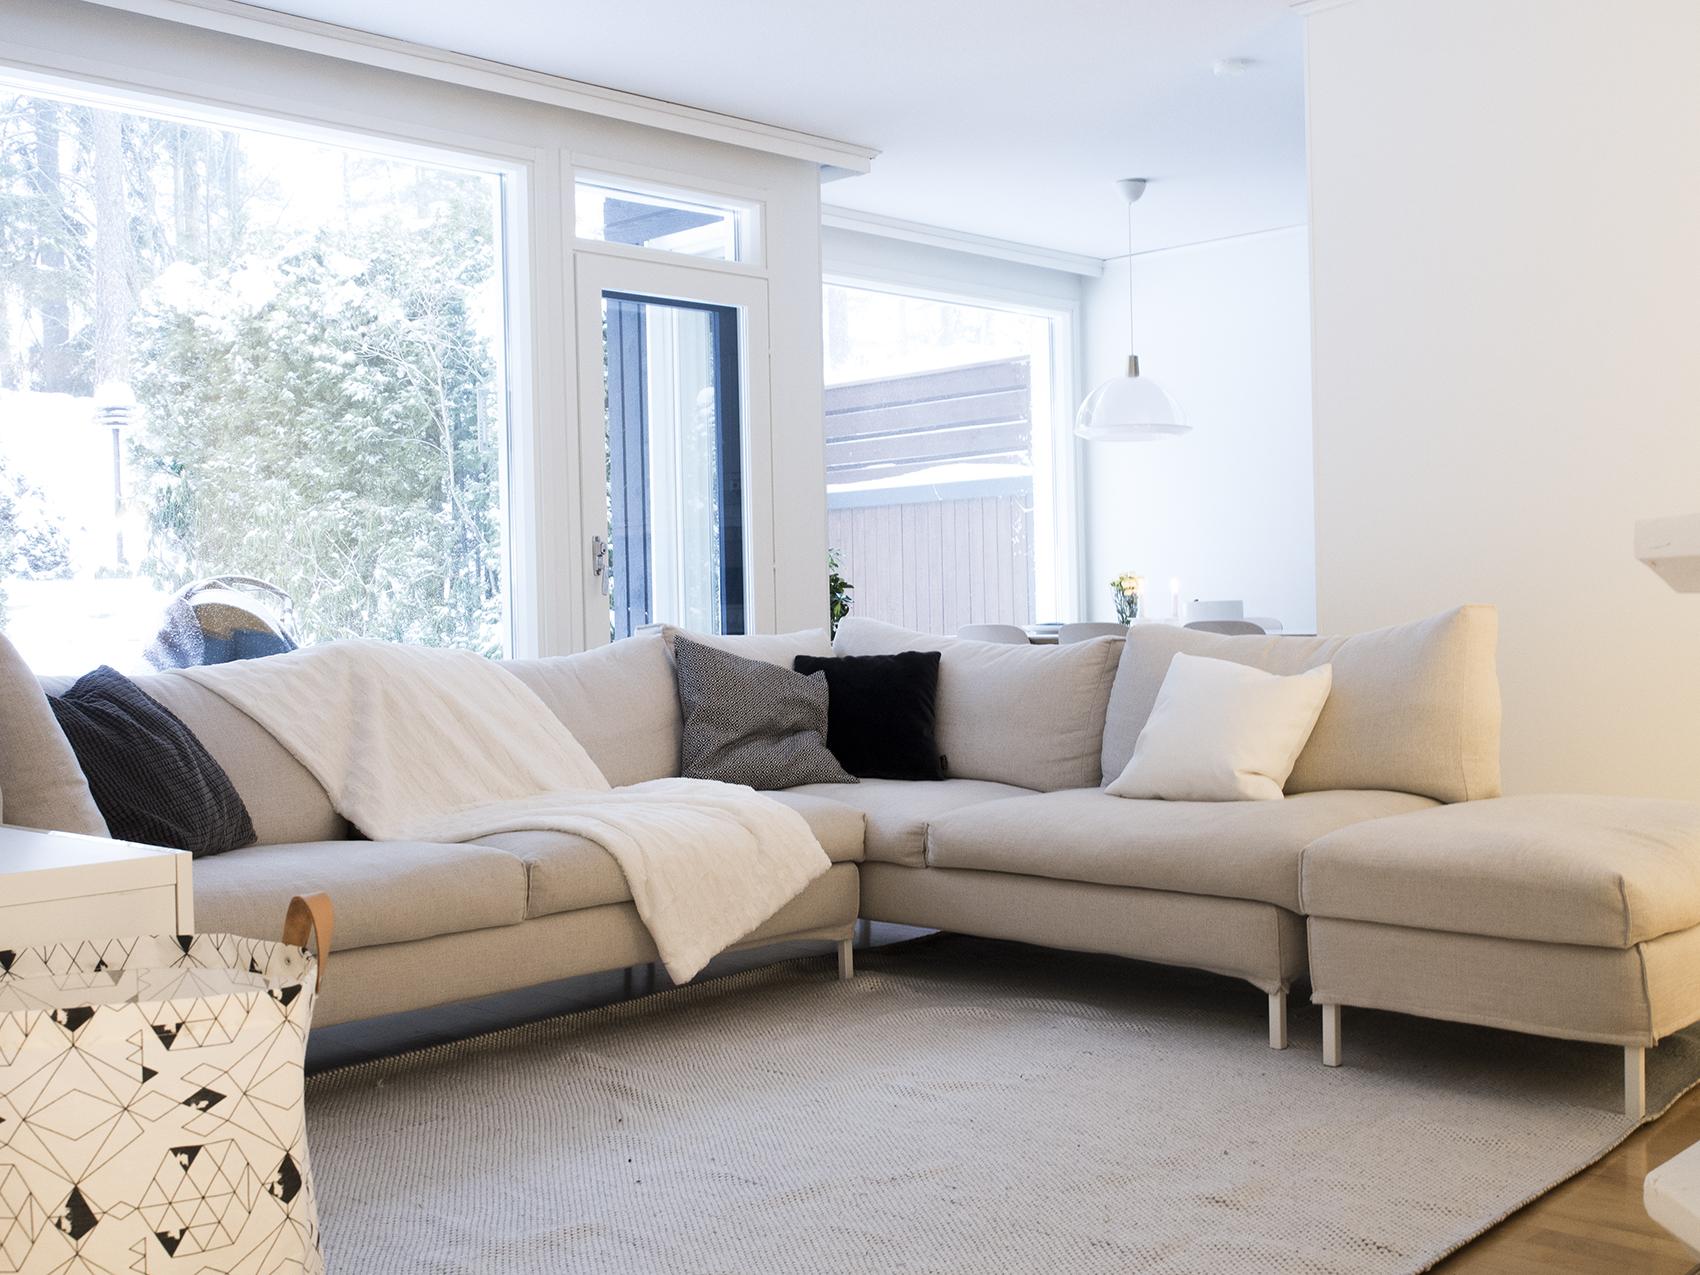 Uusi koti uudella paikkakunnalla - reilunkokoiseeen sohvaan mahtuu koko perhe